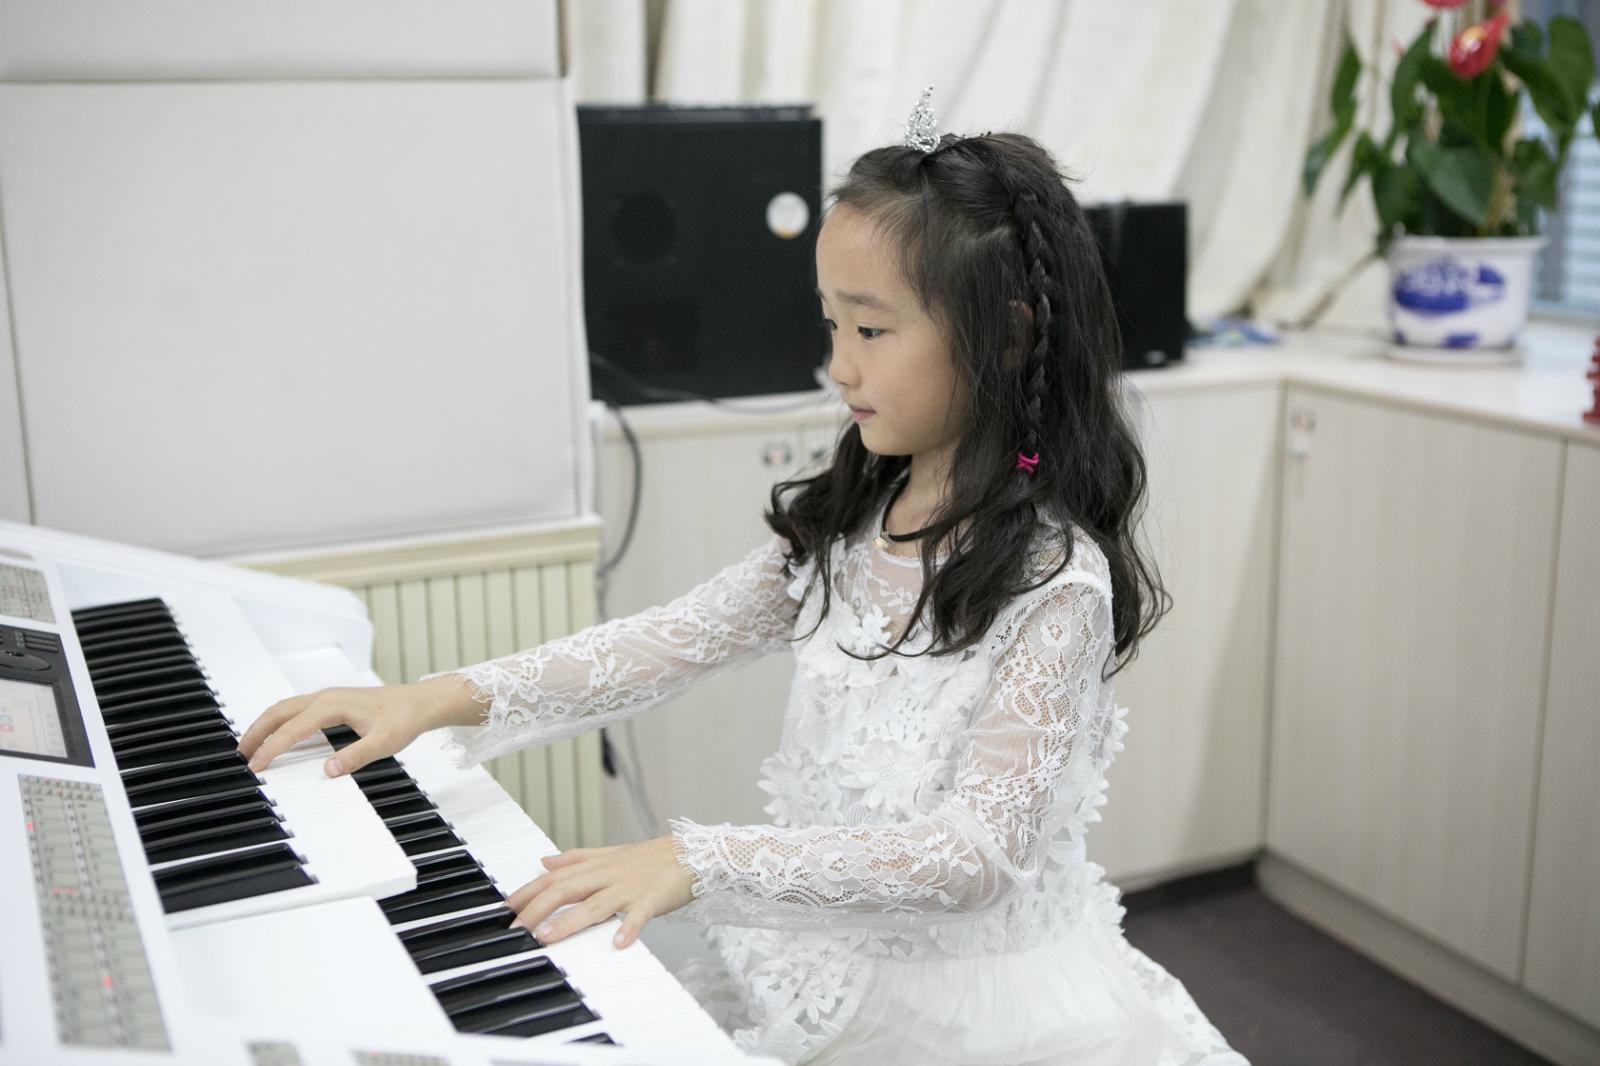 教孩子学琴和成人学琴都有哪些不同